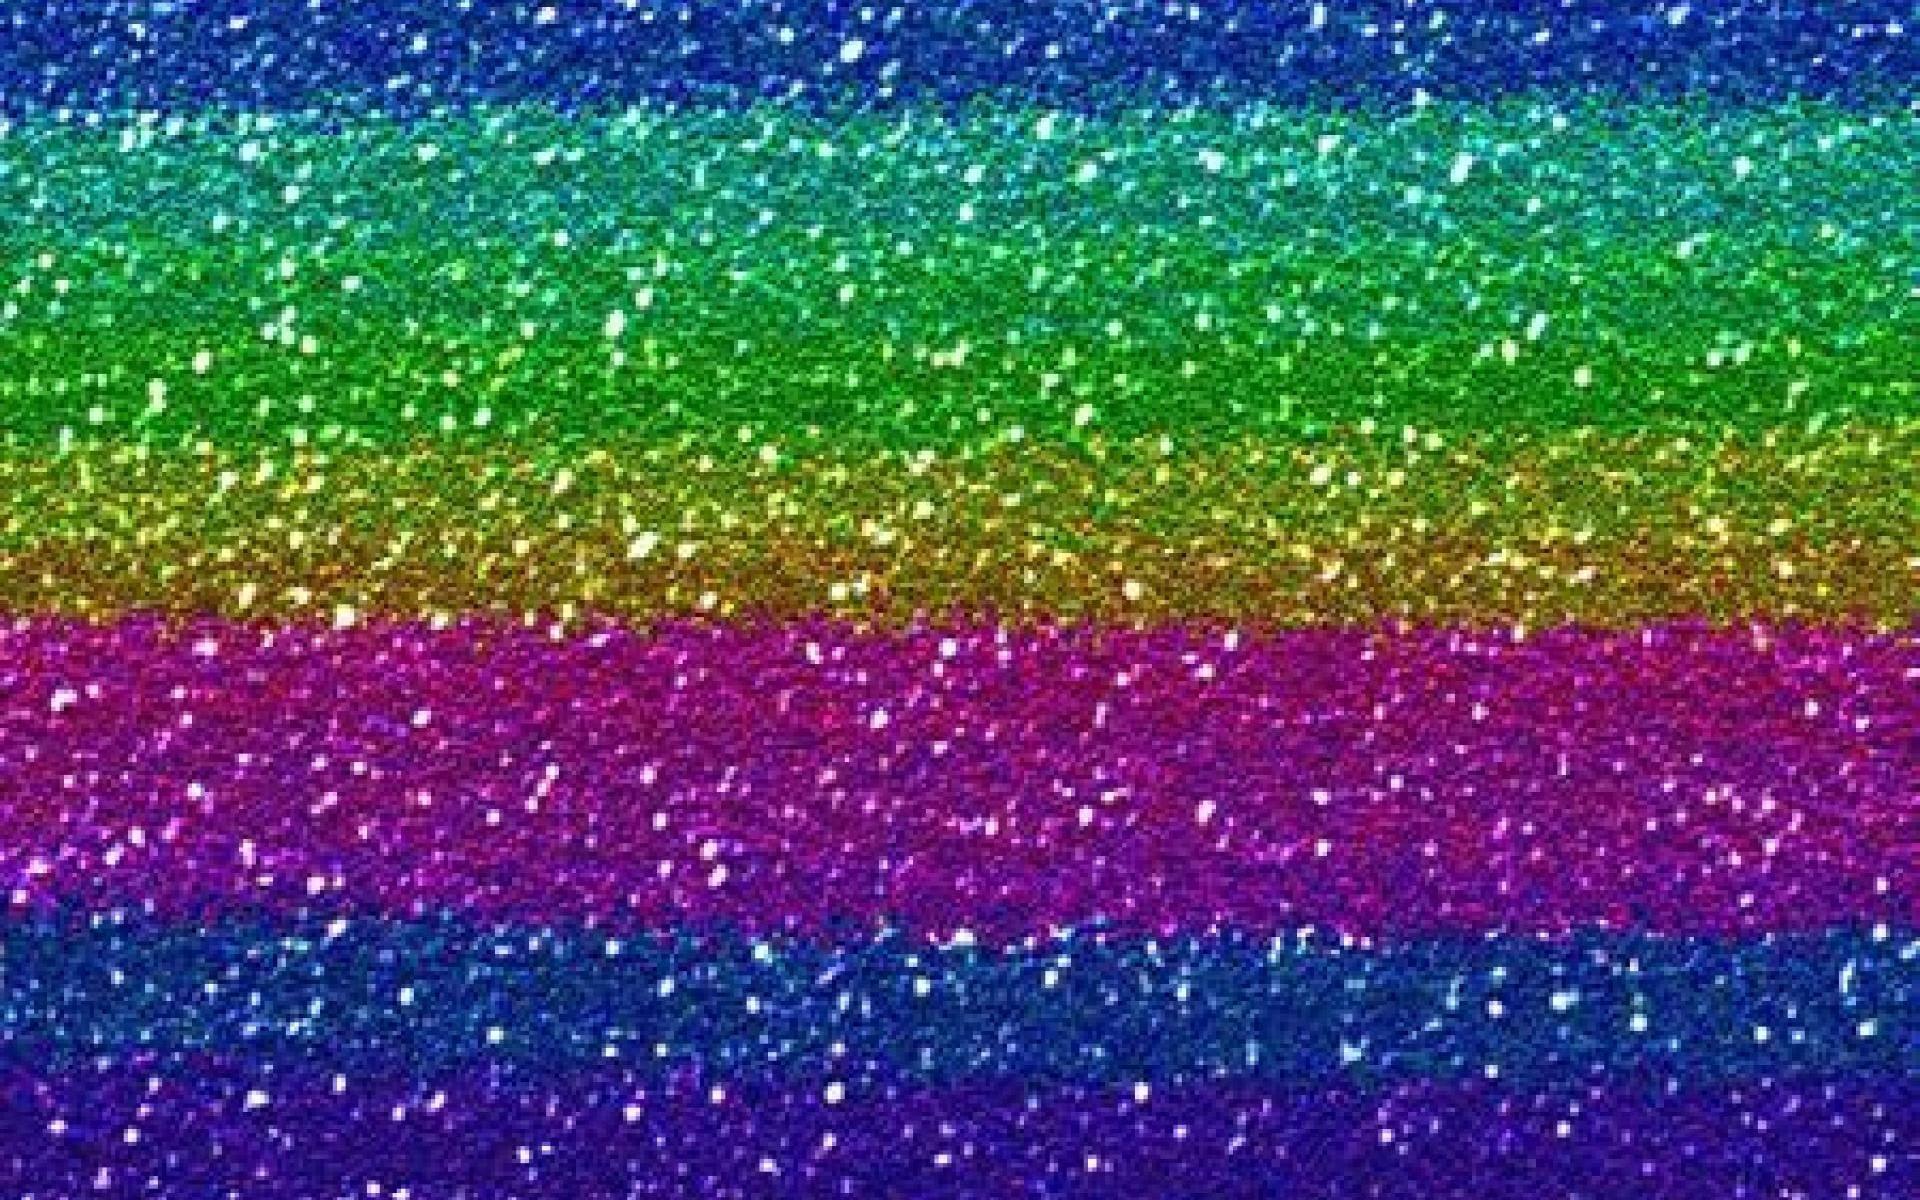 best ideas about Iphone wallpaper glitter on Pinterest